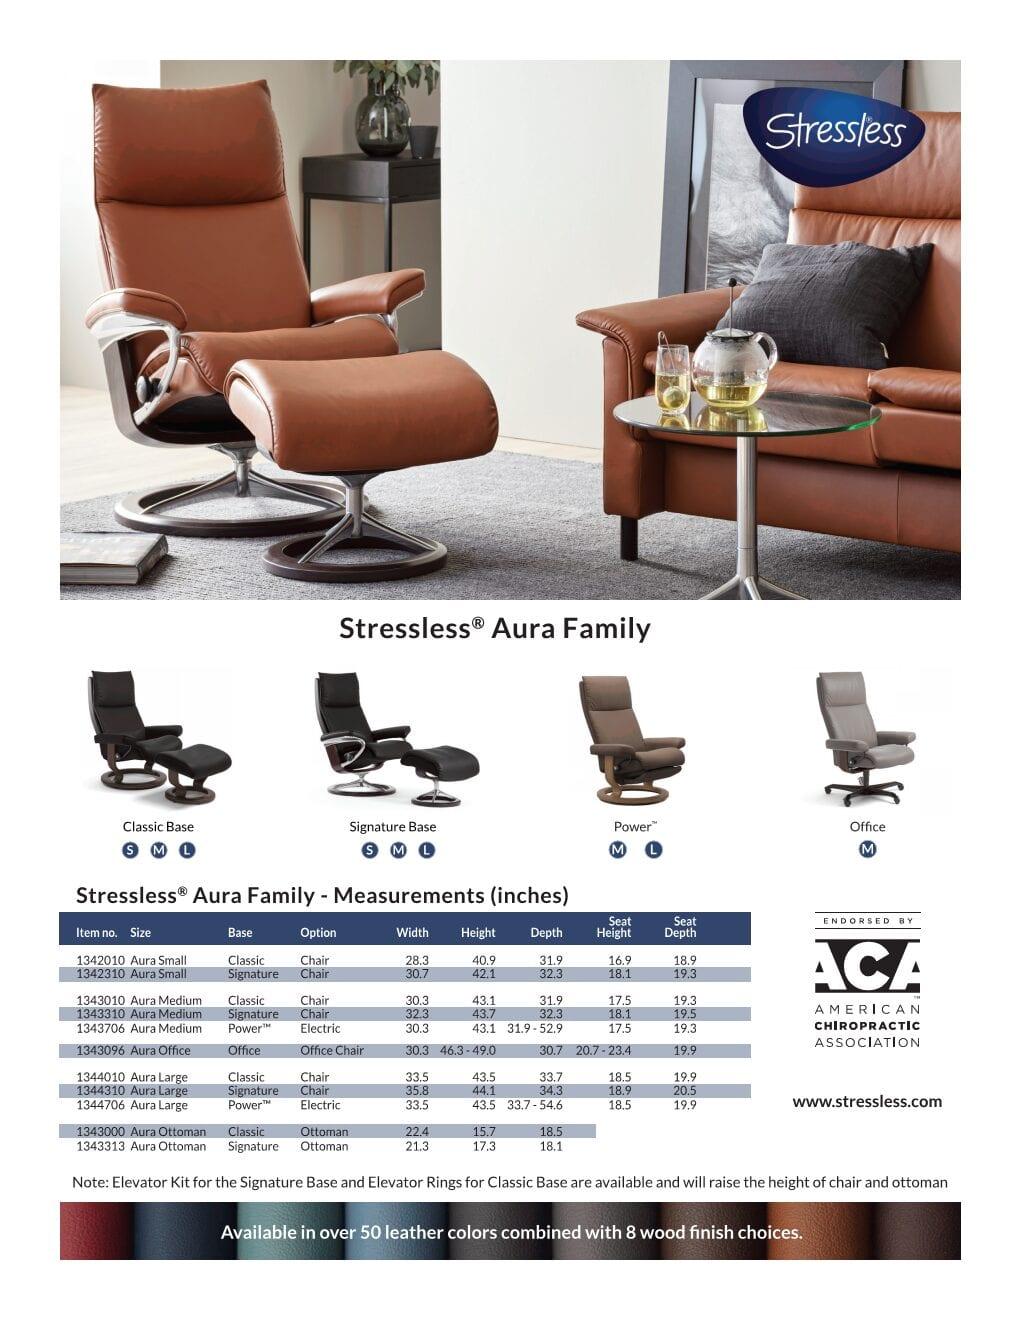 Stressless Aura Product Sheet 2020